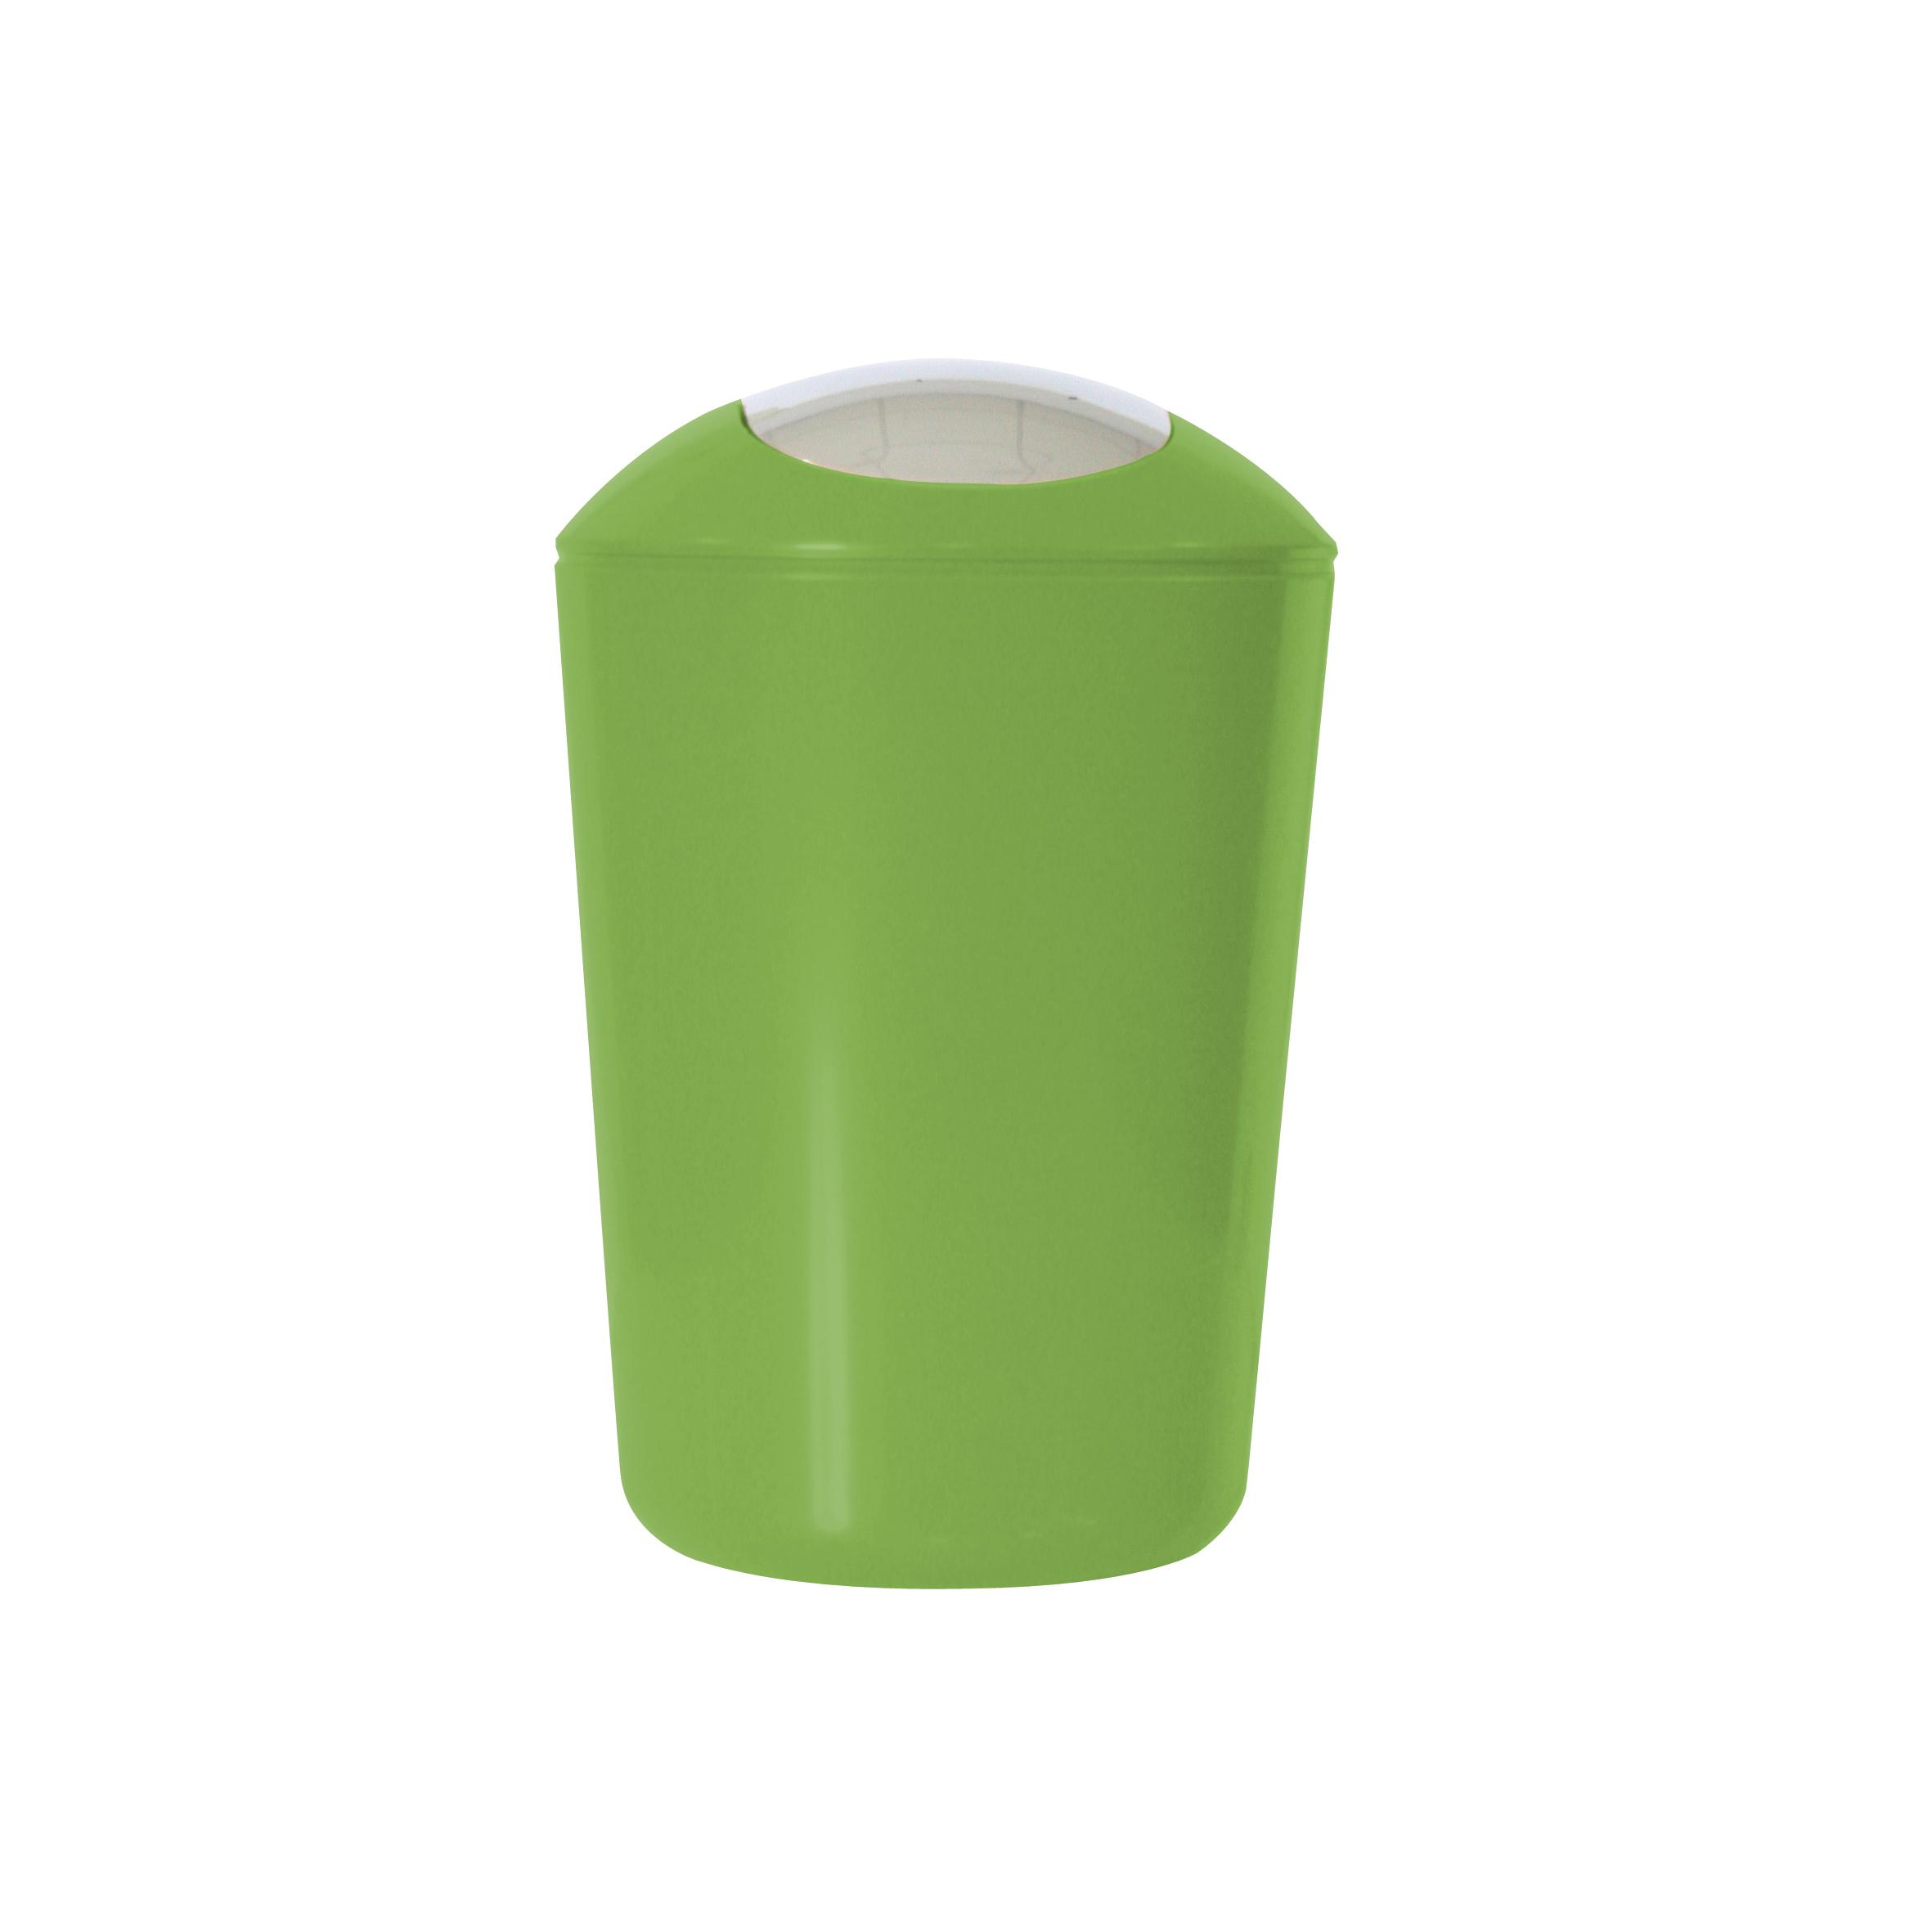 Ведро для мусора Axentia, с крышкой, цвет: зеленый, хром, 5 л251079Глянцевое ведро для мусора Axentia, выполненное из высококачественного износостойкого пластика, оснащено хромированную крышку типа качели. Подходит для использования в ванной комнате или на кухне. Стильный дизайн и яркая расцветка прекрасно подойдет для любого интерьера ванной комнаты или кухни. Размер ведра: 20 х 20 х 30 см. Объем ведра: 5 л.